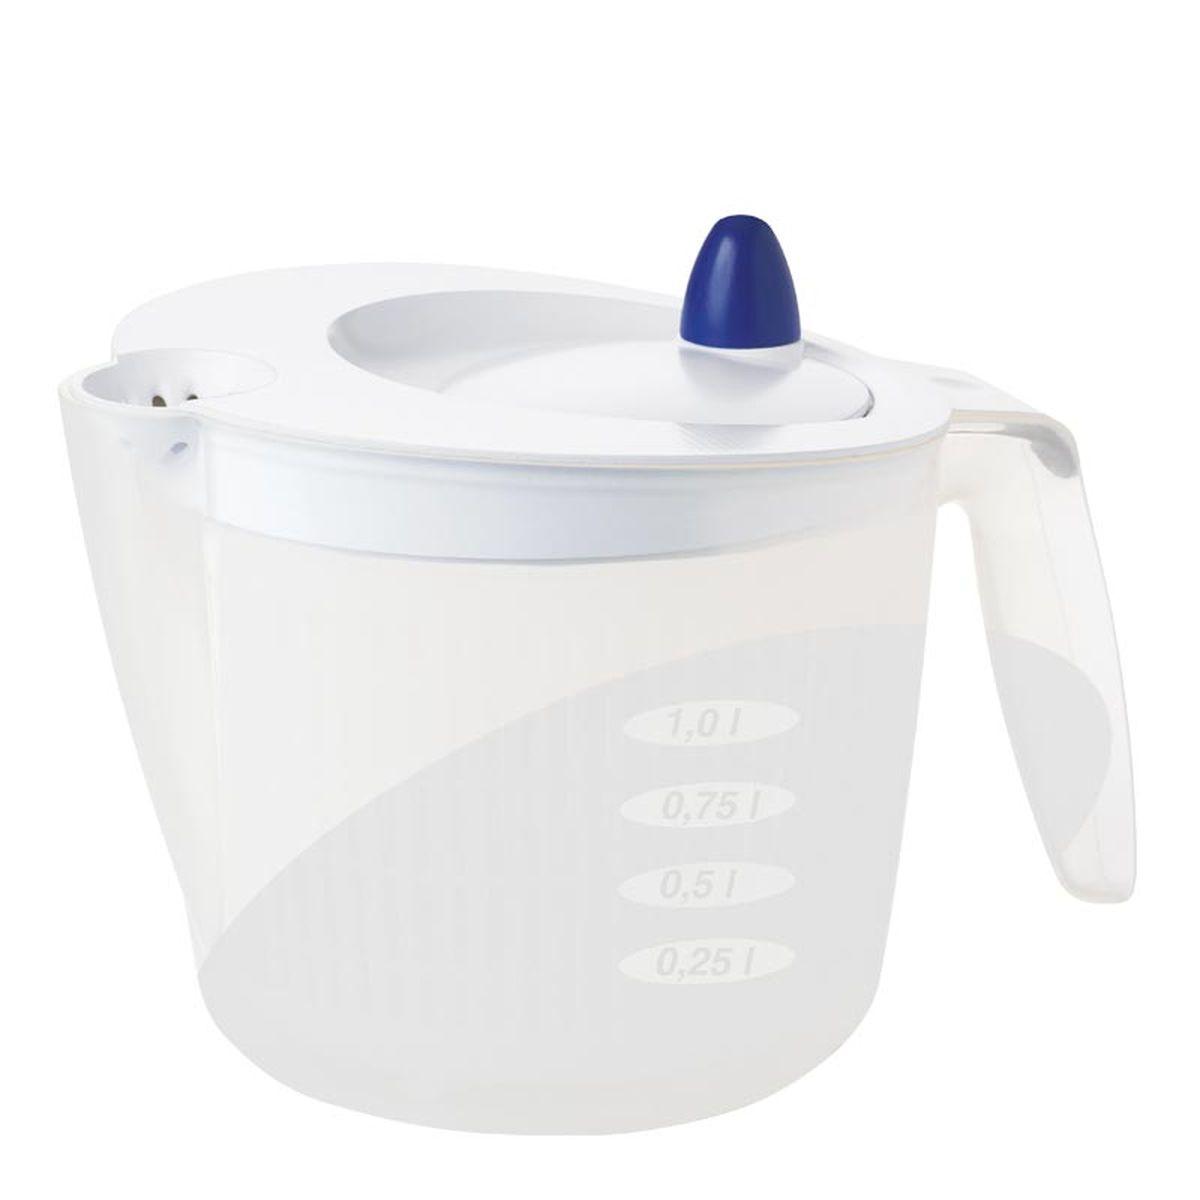 Сушилка для салата Emsa Fit&Fresh, цвет: белый, 2 л502992Сушилка для салата Emsa Fit&Fresh совмещает в себе сушилку, дуршлаг и салатник. Экономит место благодаря небольшому объему. С практичным носиком и мерной шкалой. Можно мыть в посудомоечной машине. Объем чаши: 2 л.